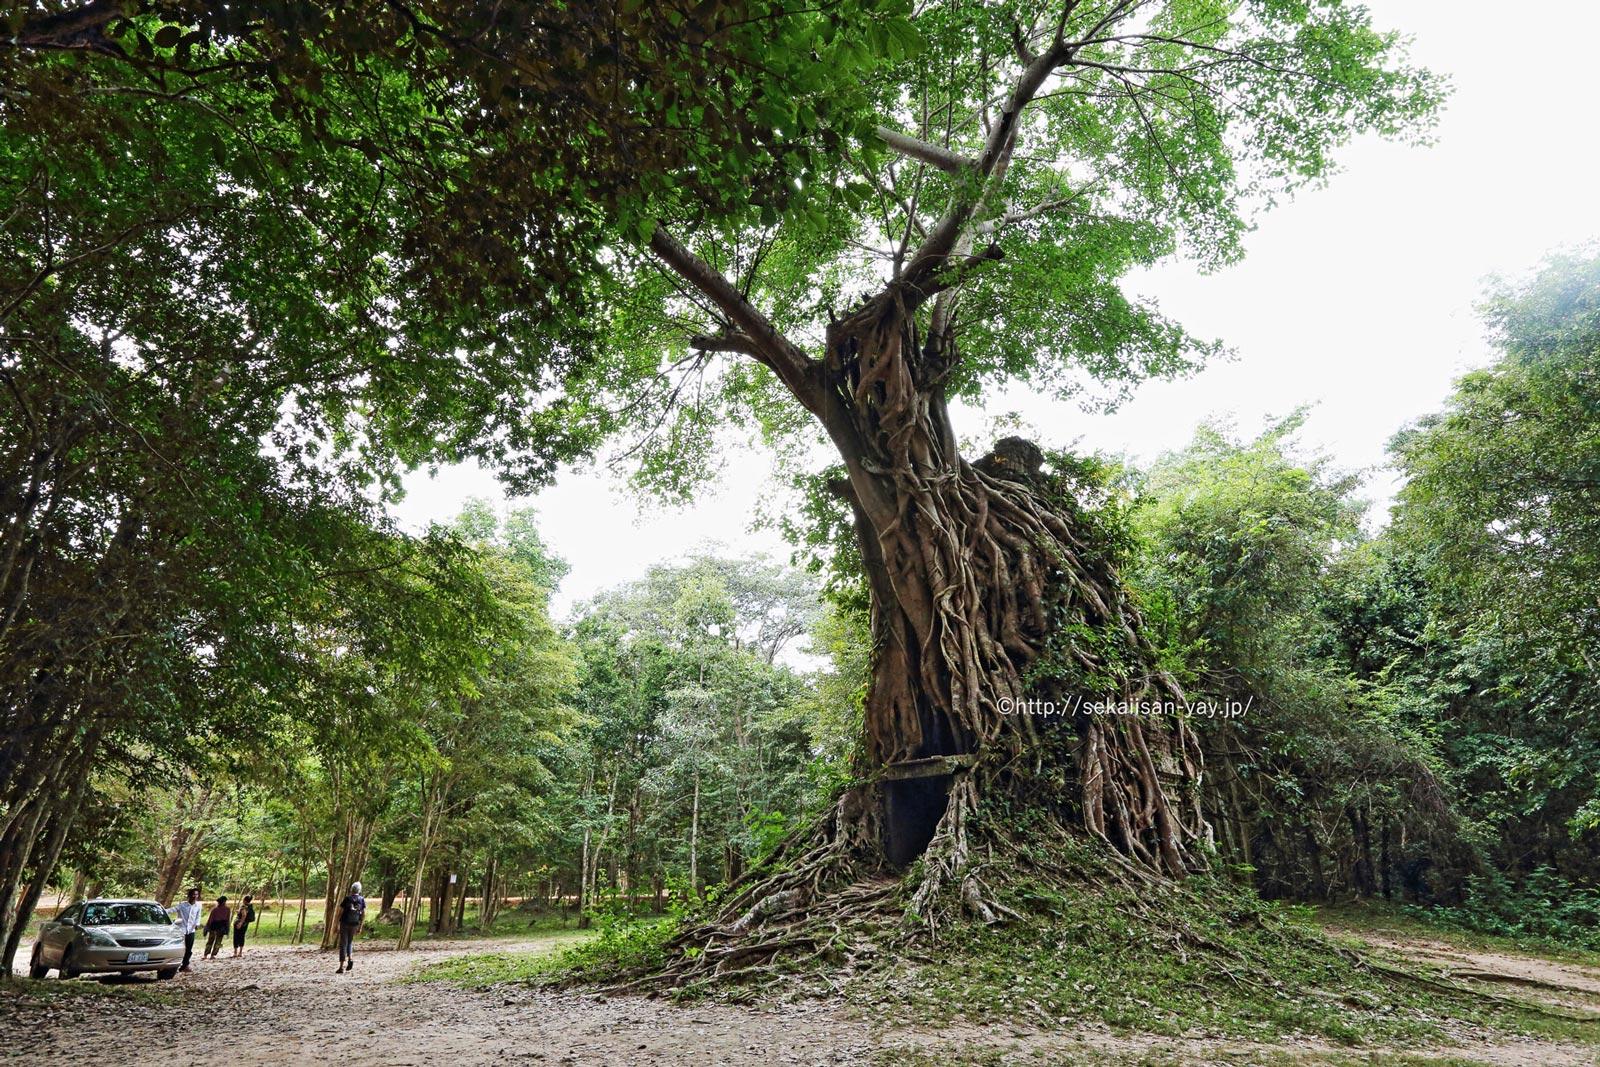 カンボジア「サンボー・プレイ・クックの寺院地区と古代イーシャナプラの考古遺跡」